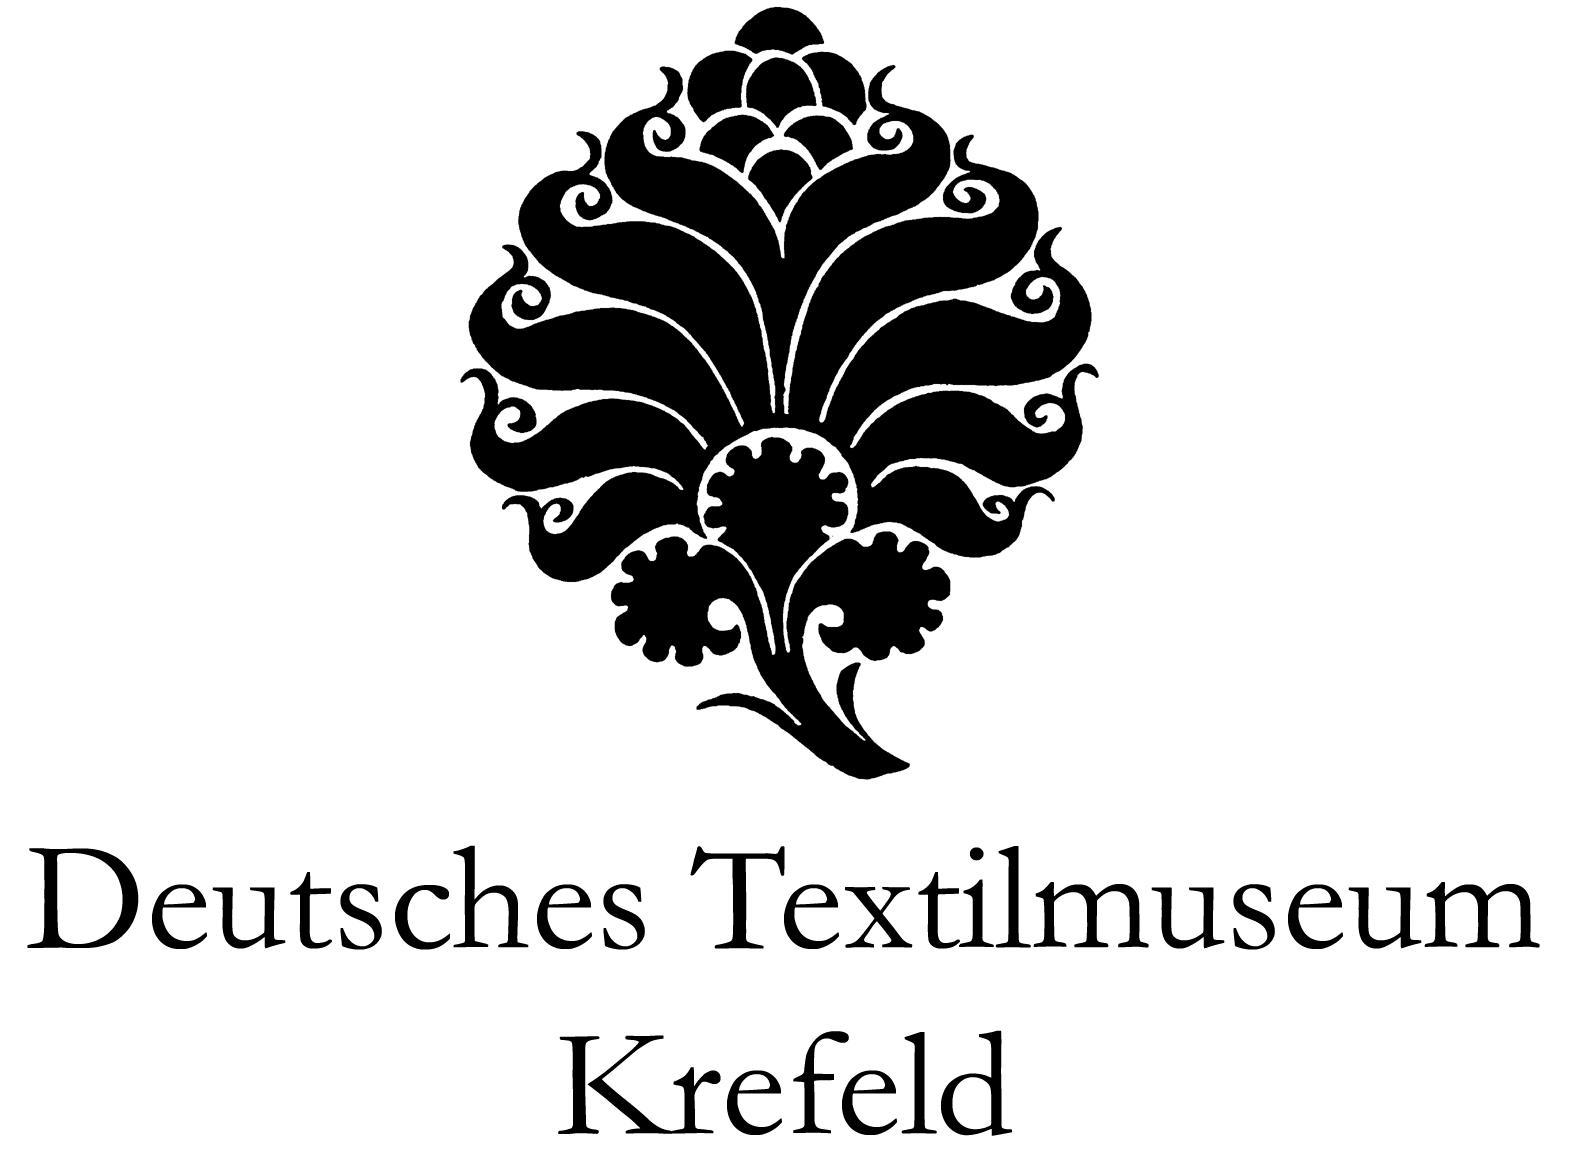 Deutsches Textilmuseum Krefeld